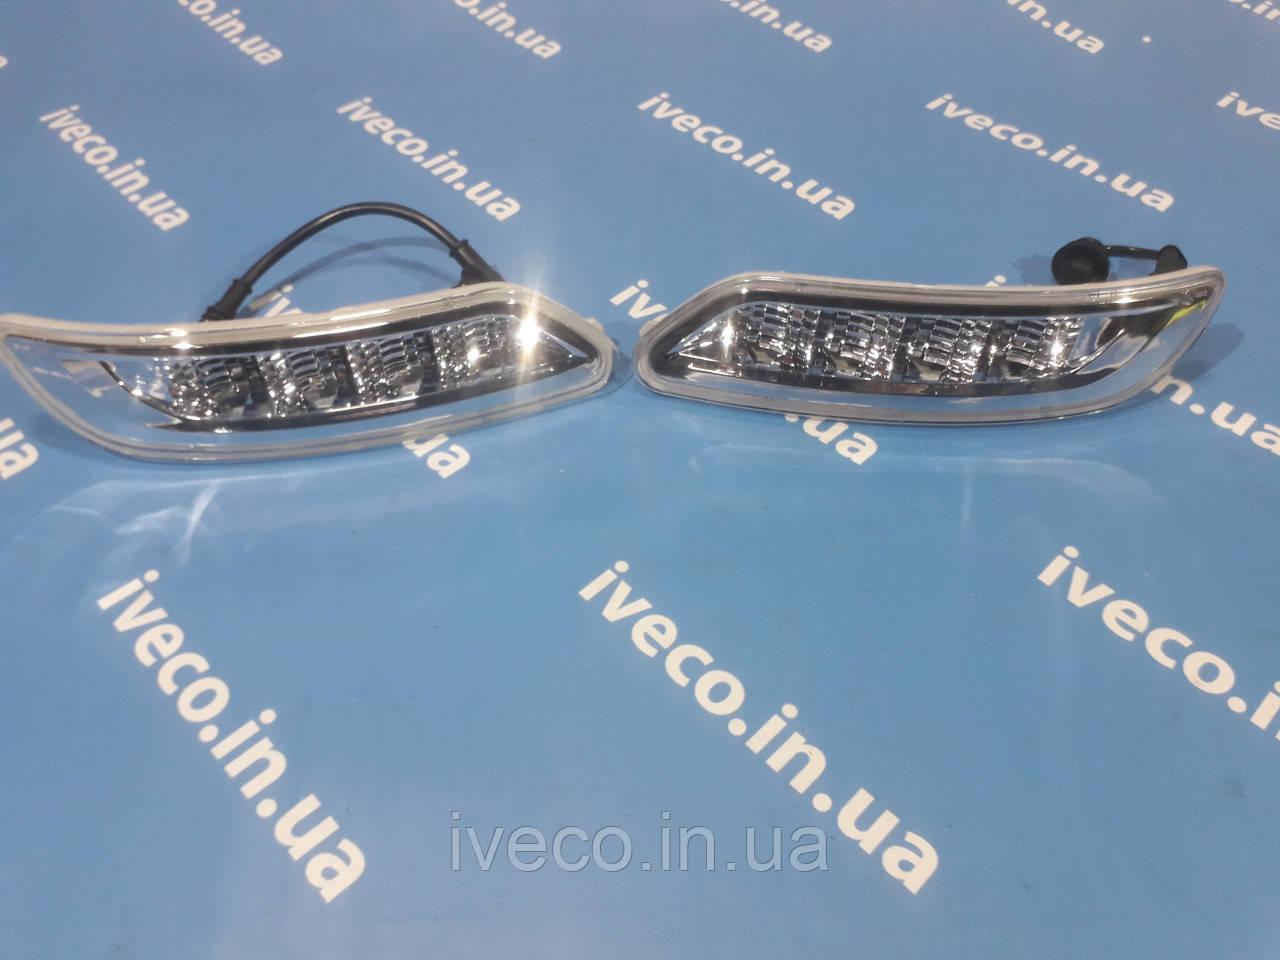 Габаритный фонарь габаритные огни на козырек IVECO STRALIS левый / правый светодиодный 5801546548 5801546522